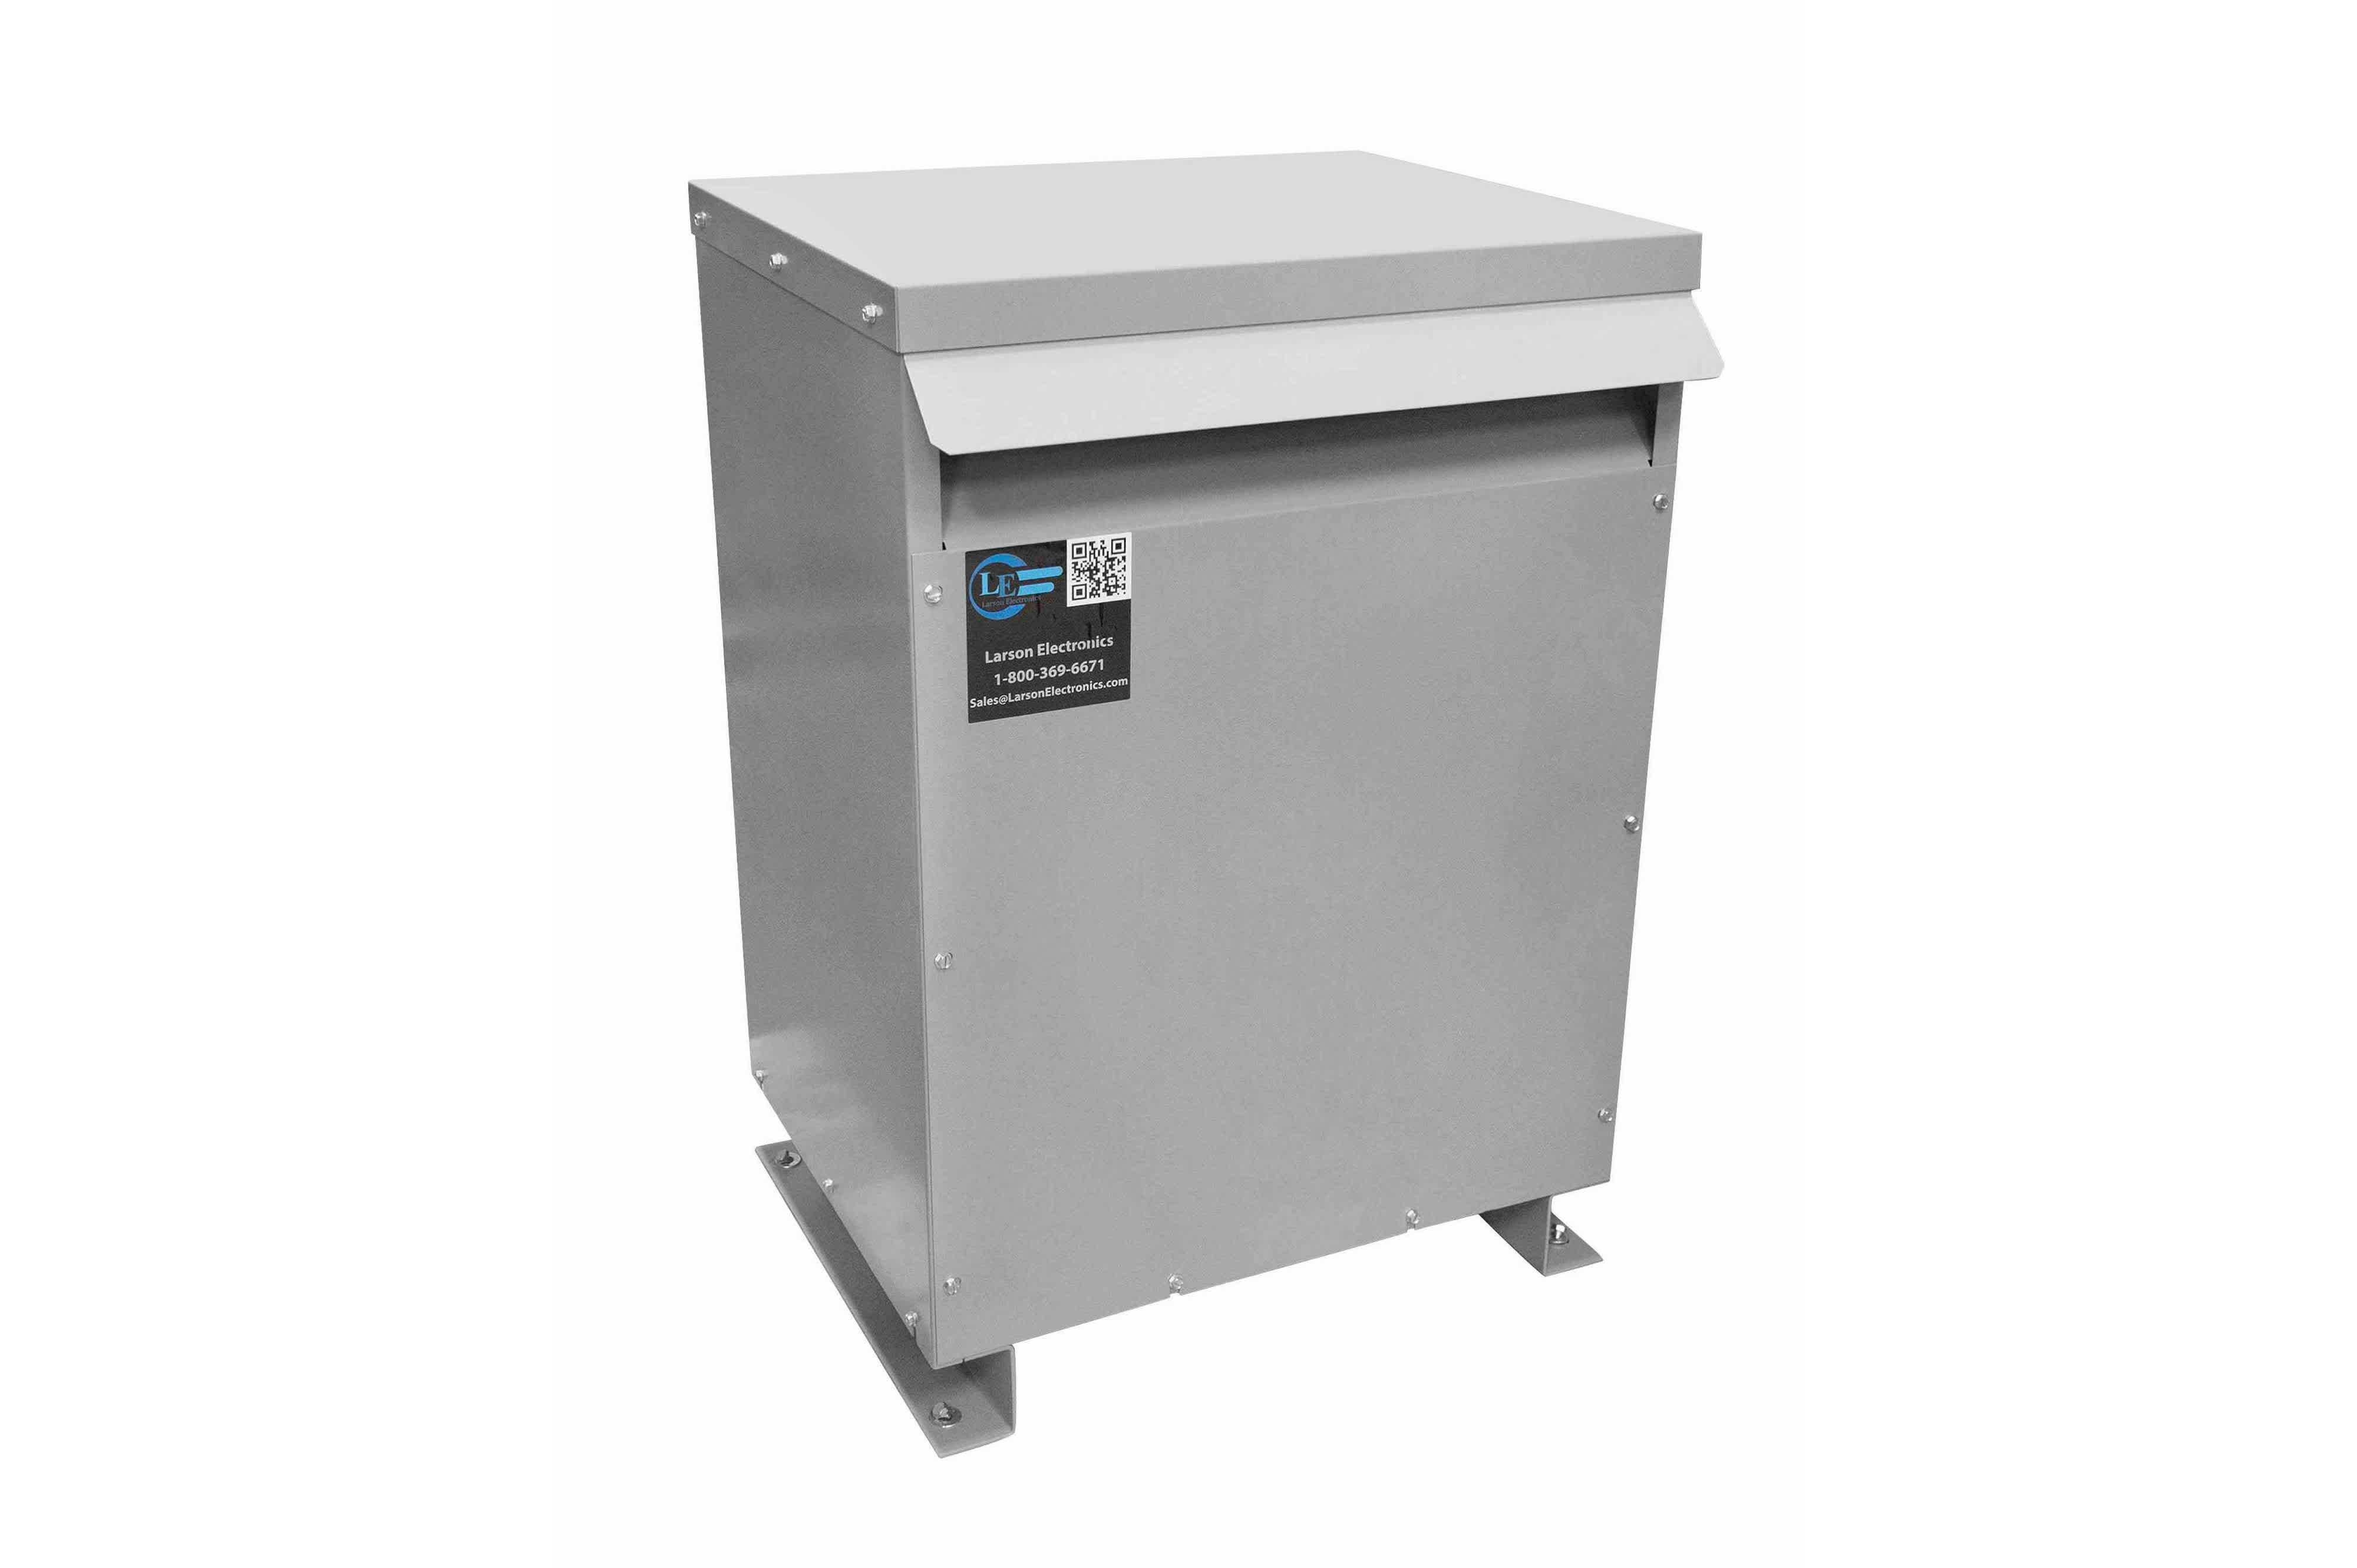 13 kVA 3PH Isolation Transformer, 220V Delta Primary, 480V Delta Secondary, N3R, Ventilated, 60 Hz